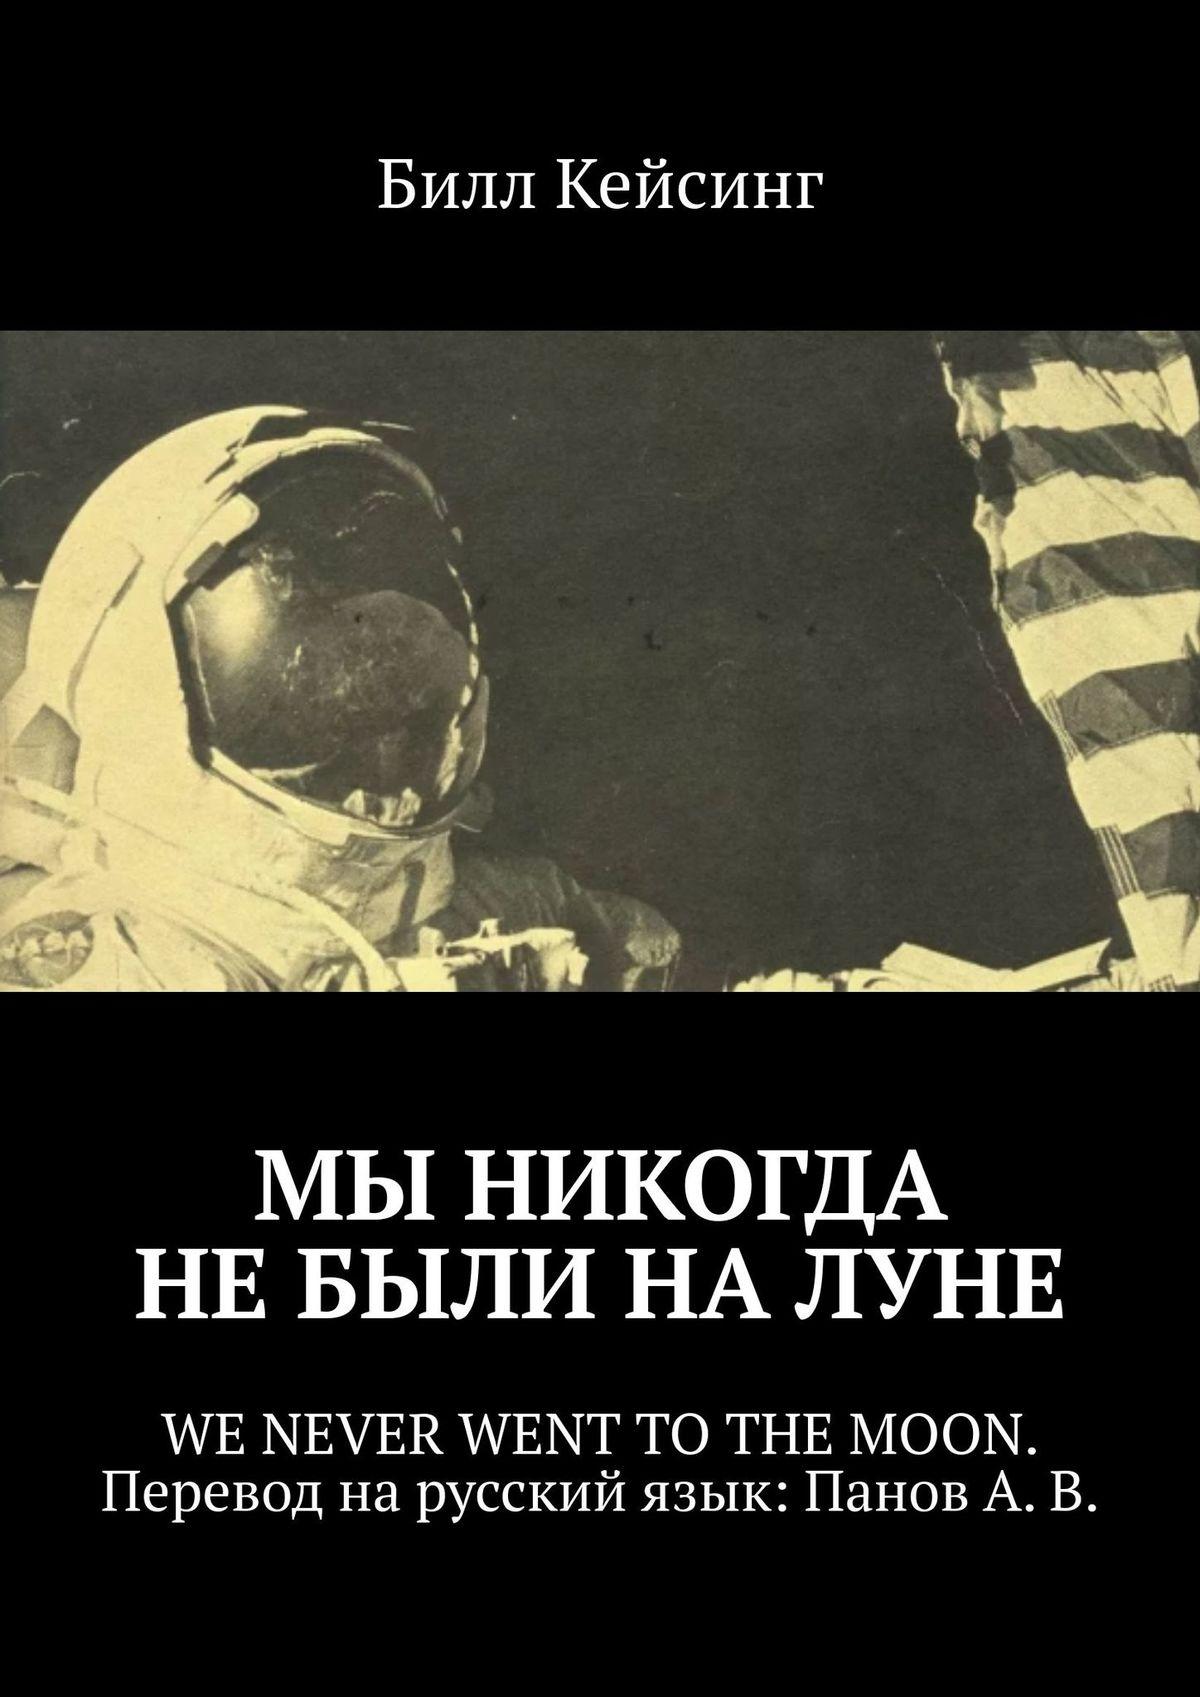 Мы никогда не были на Луне. WE NEVER WENT TO THE MOON. Перевод на русский язык: Панов А. В.